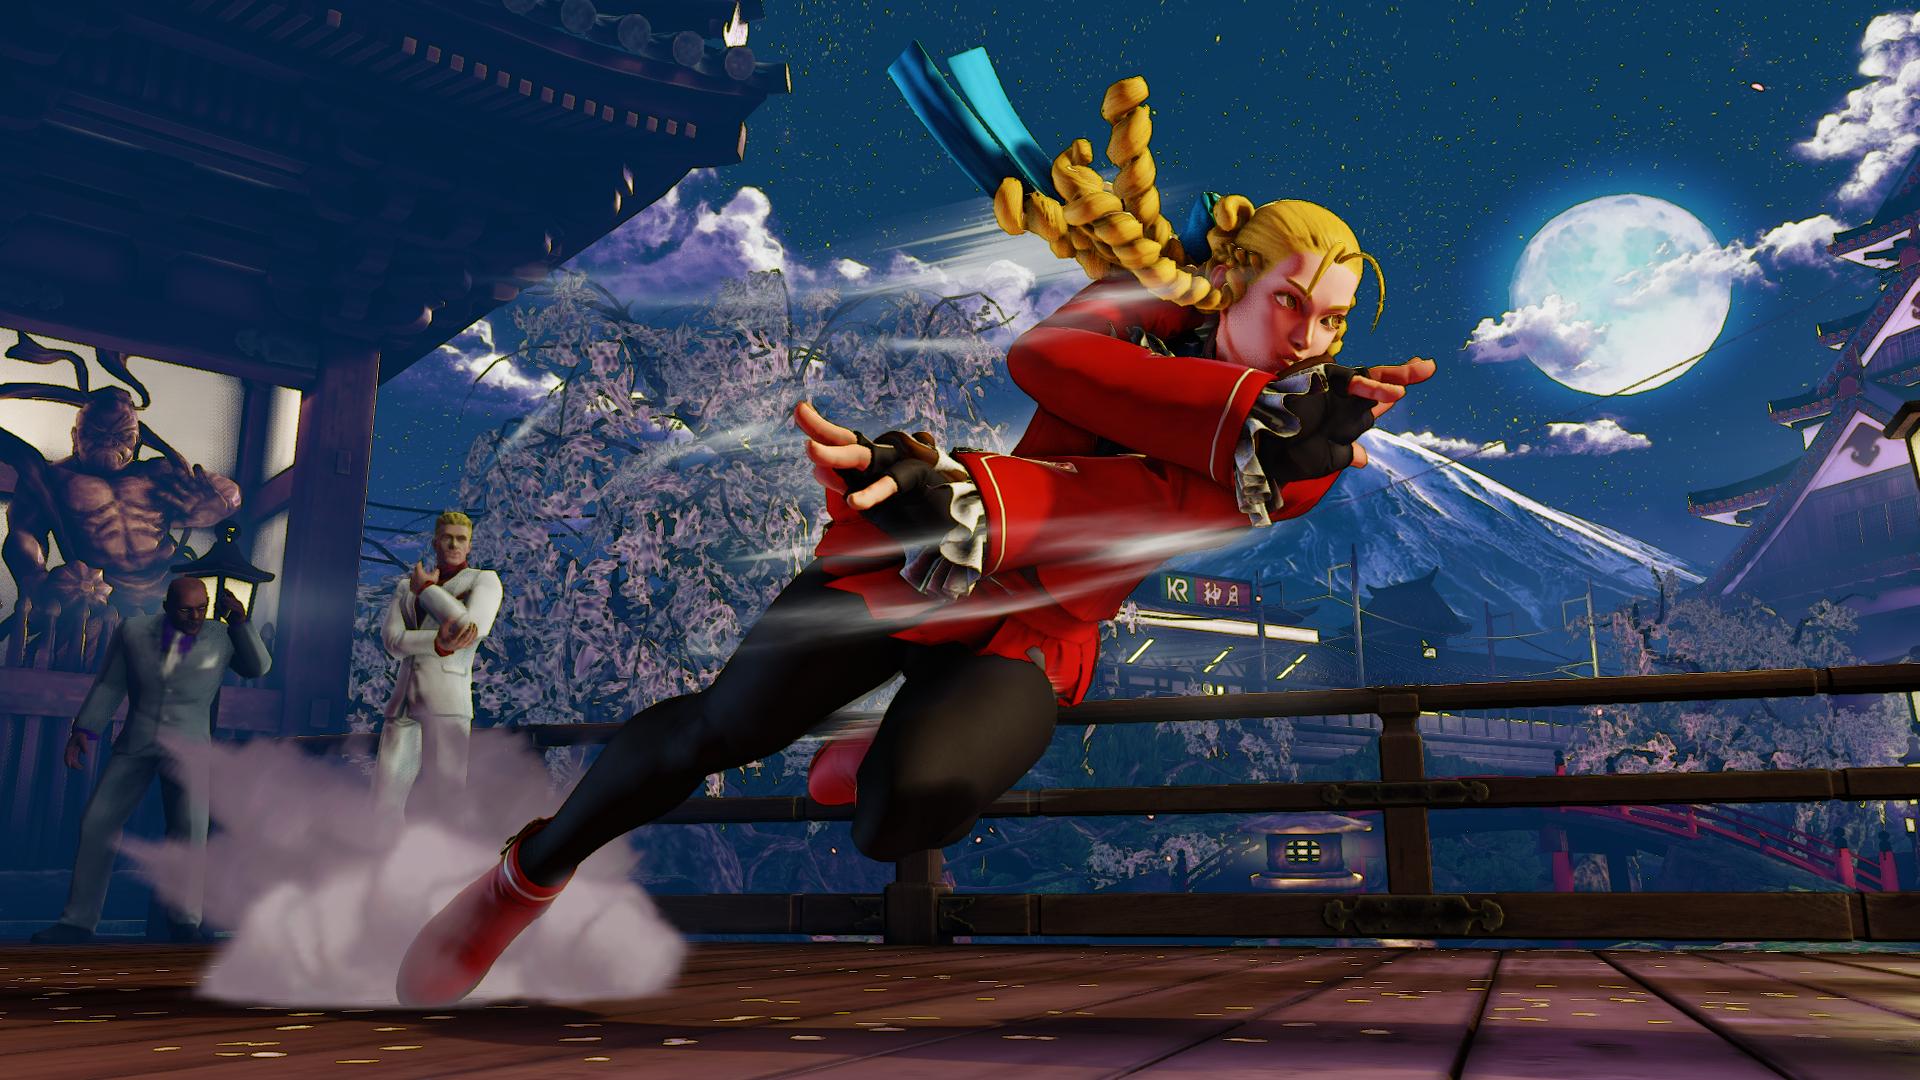 Seznamte se: Karin Kanzuki z bojovky Street Fighter V 114095